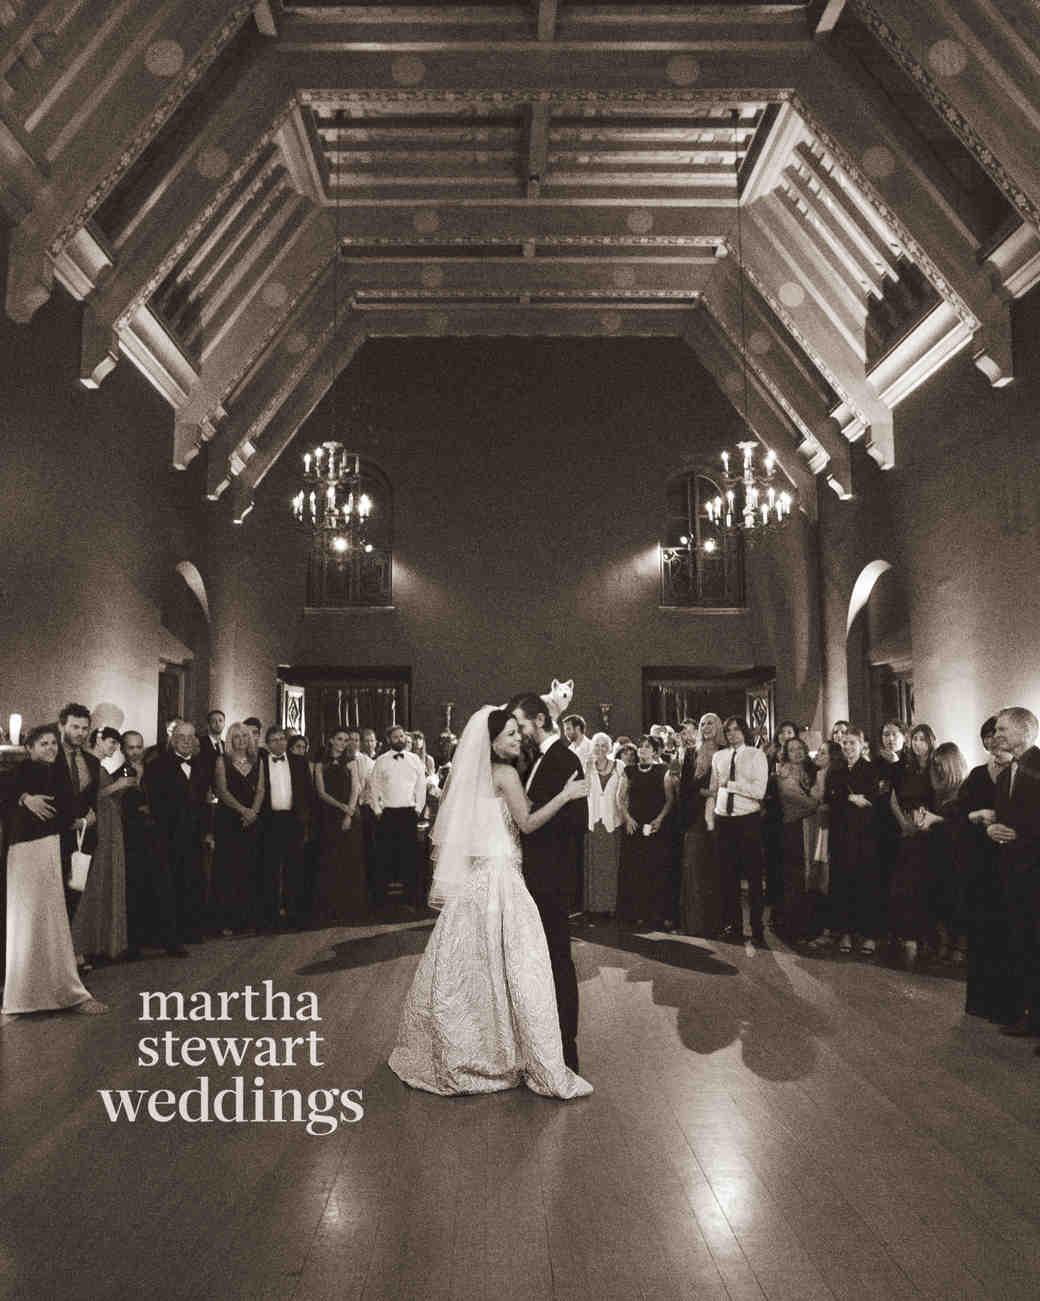 msophia-joel-wedding-los-angeles-219-d112240-bw-watermarked-0915.jpg